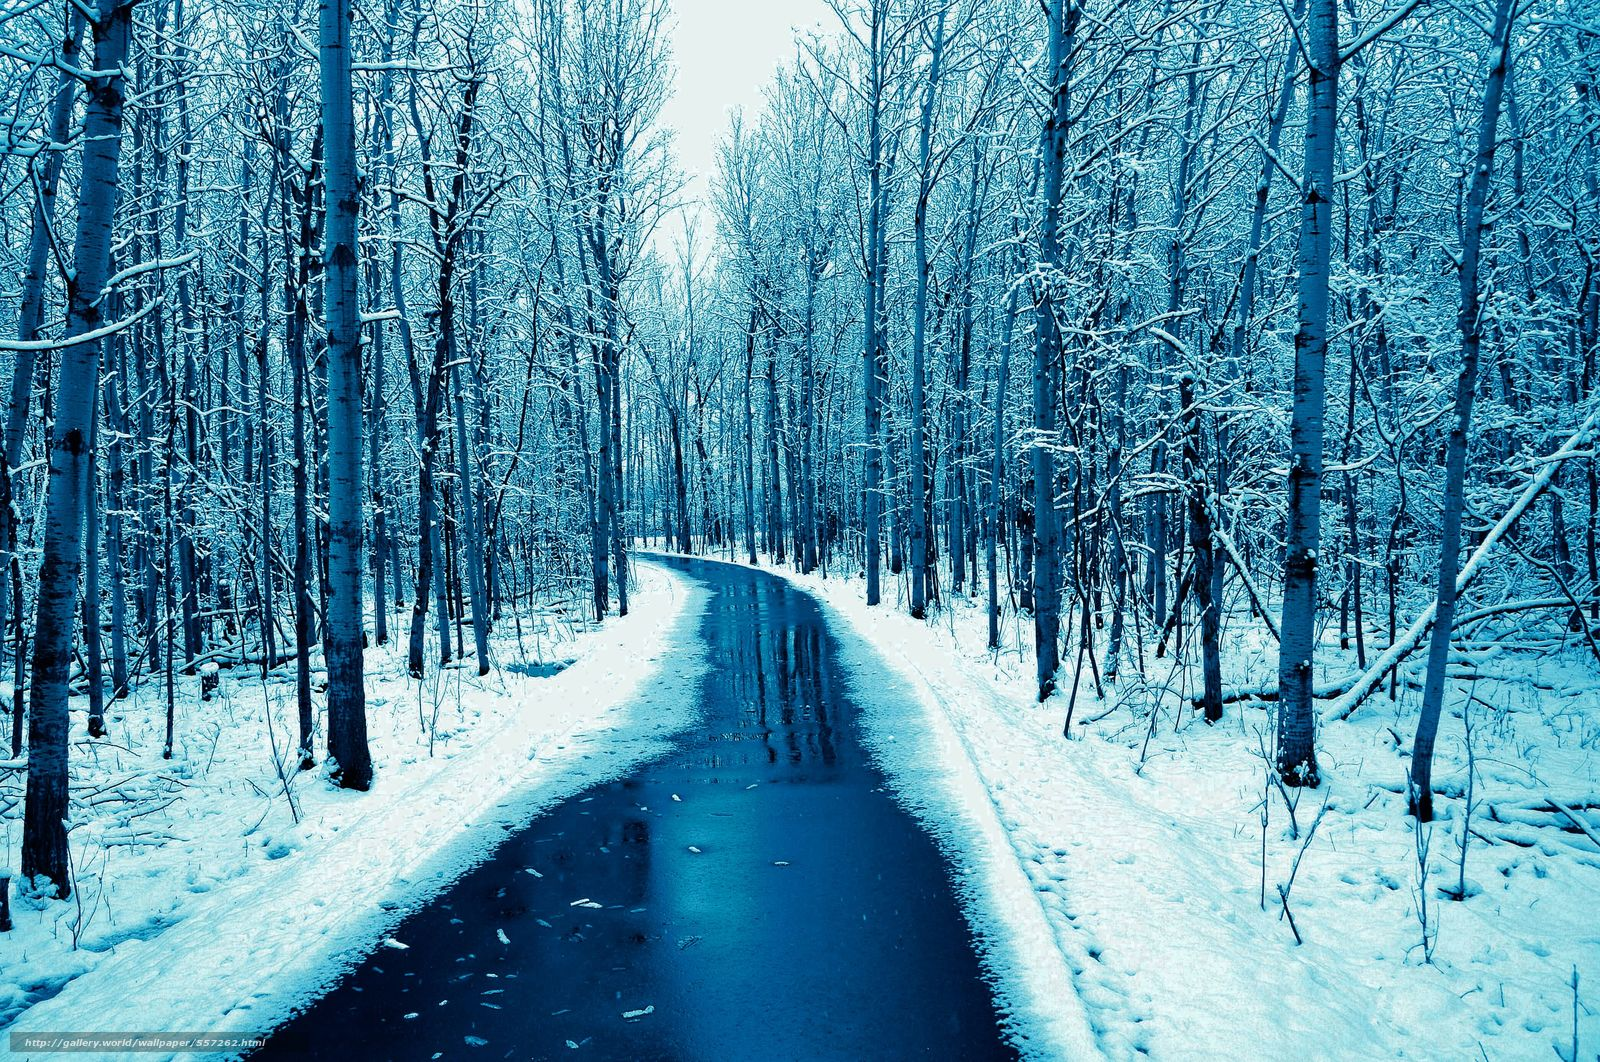 Tlcharger fond d 39 ecran for t petite rivi re paysage for Fond ecran gratuit hiver